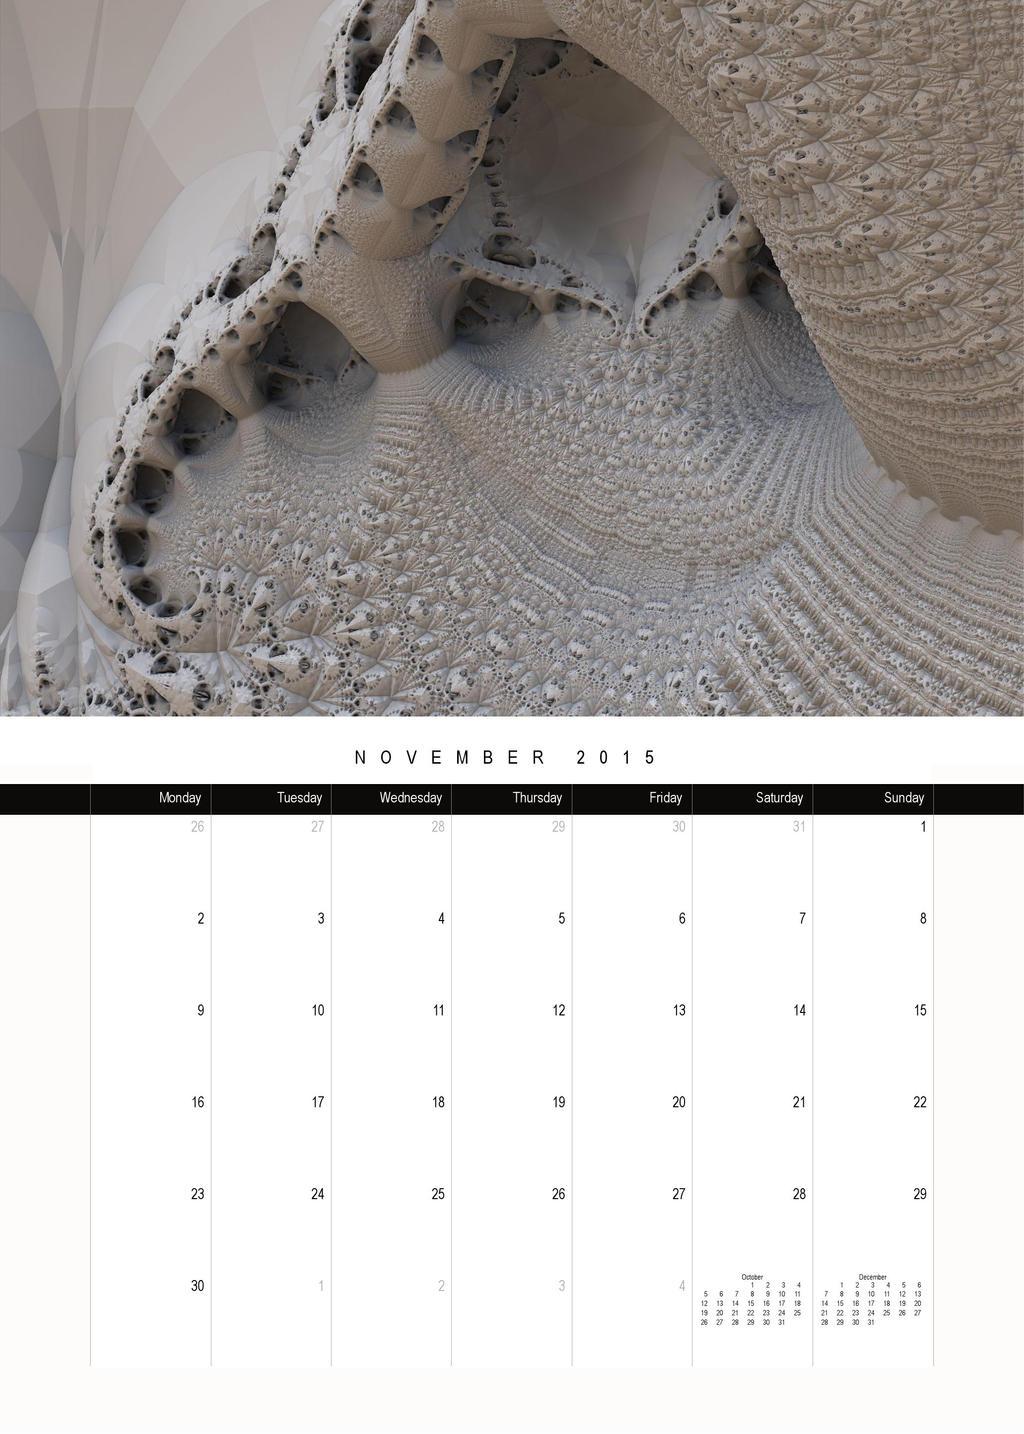 2015-calendar-mandelbulb-premium-mauxuam 000012 by mauxuam